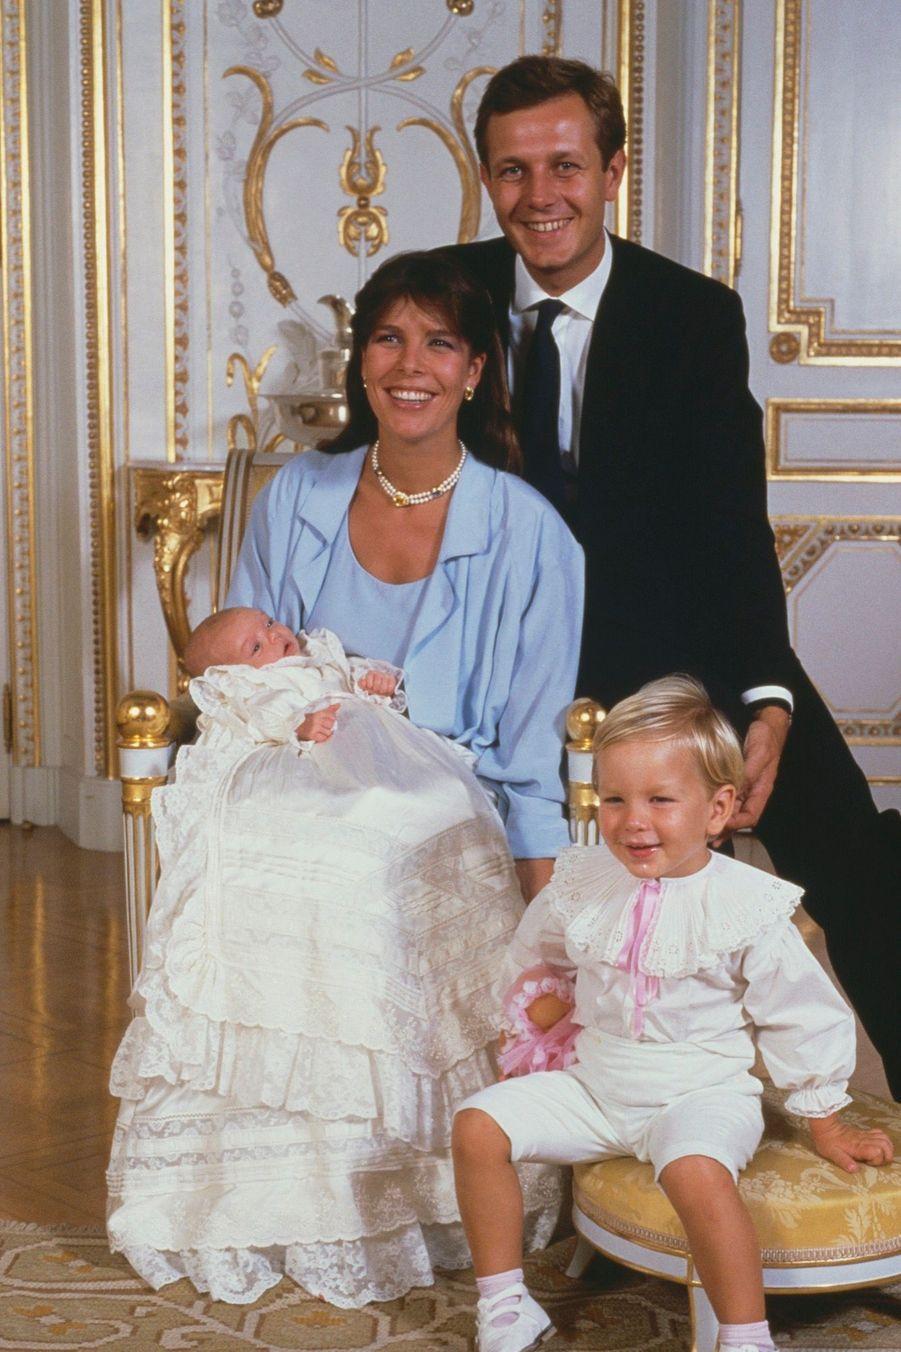 La joyeuse famille Casiraghi au baptême de Charlotte, le 20 septembre 1986.